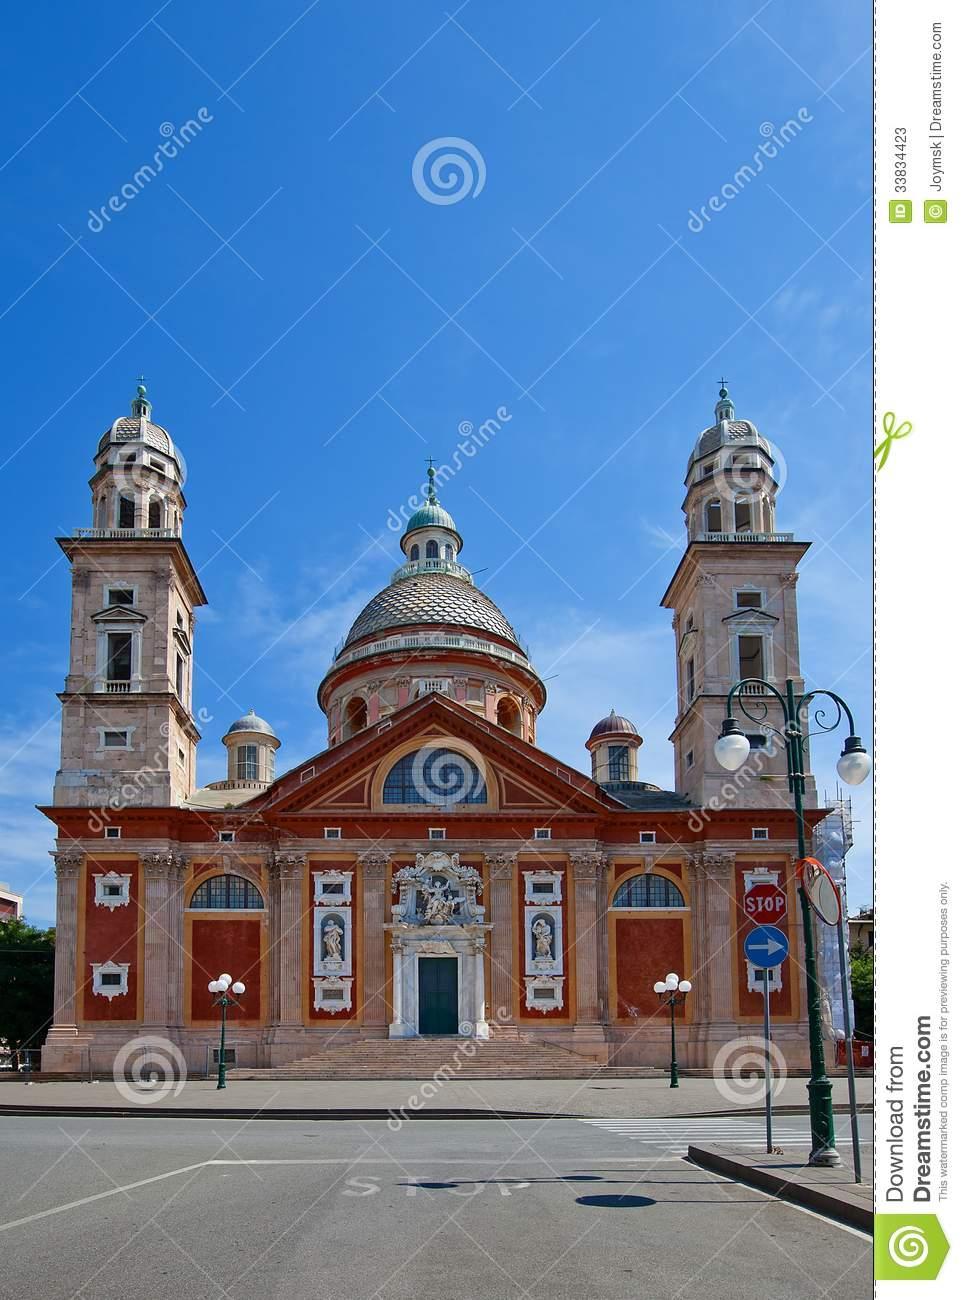 Church Of Santa Maria Assunta (XVI C.). Carignano, Genoa, Italy.